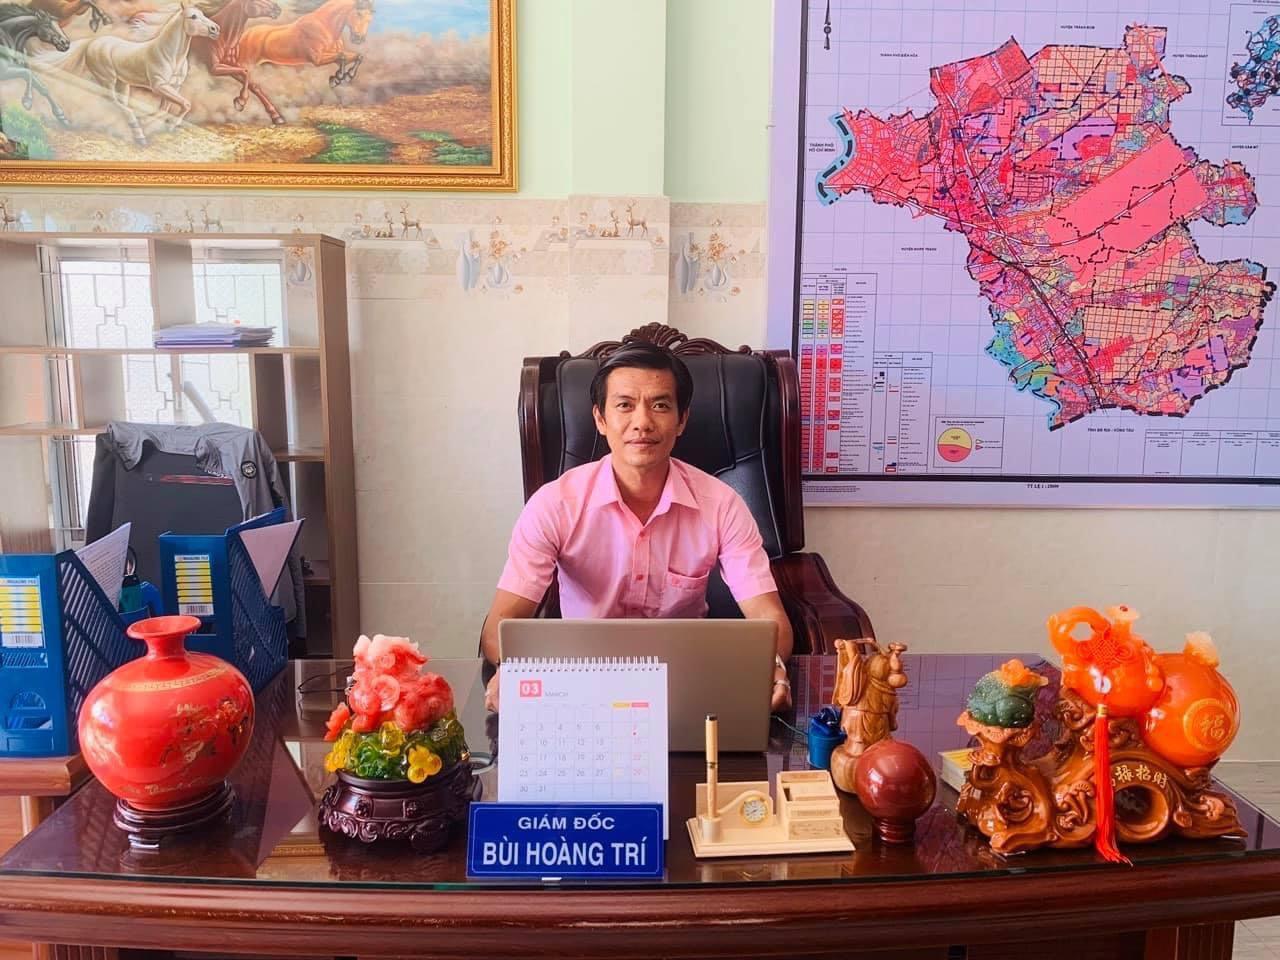 Anh Bùi Hoàng Trí, Founder & CEO Công ty TNHH Dịch vụ BĐS Nam Hoàng.